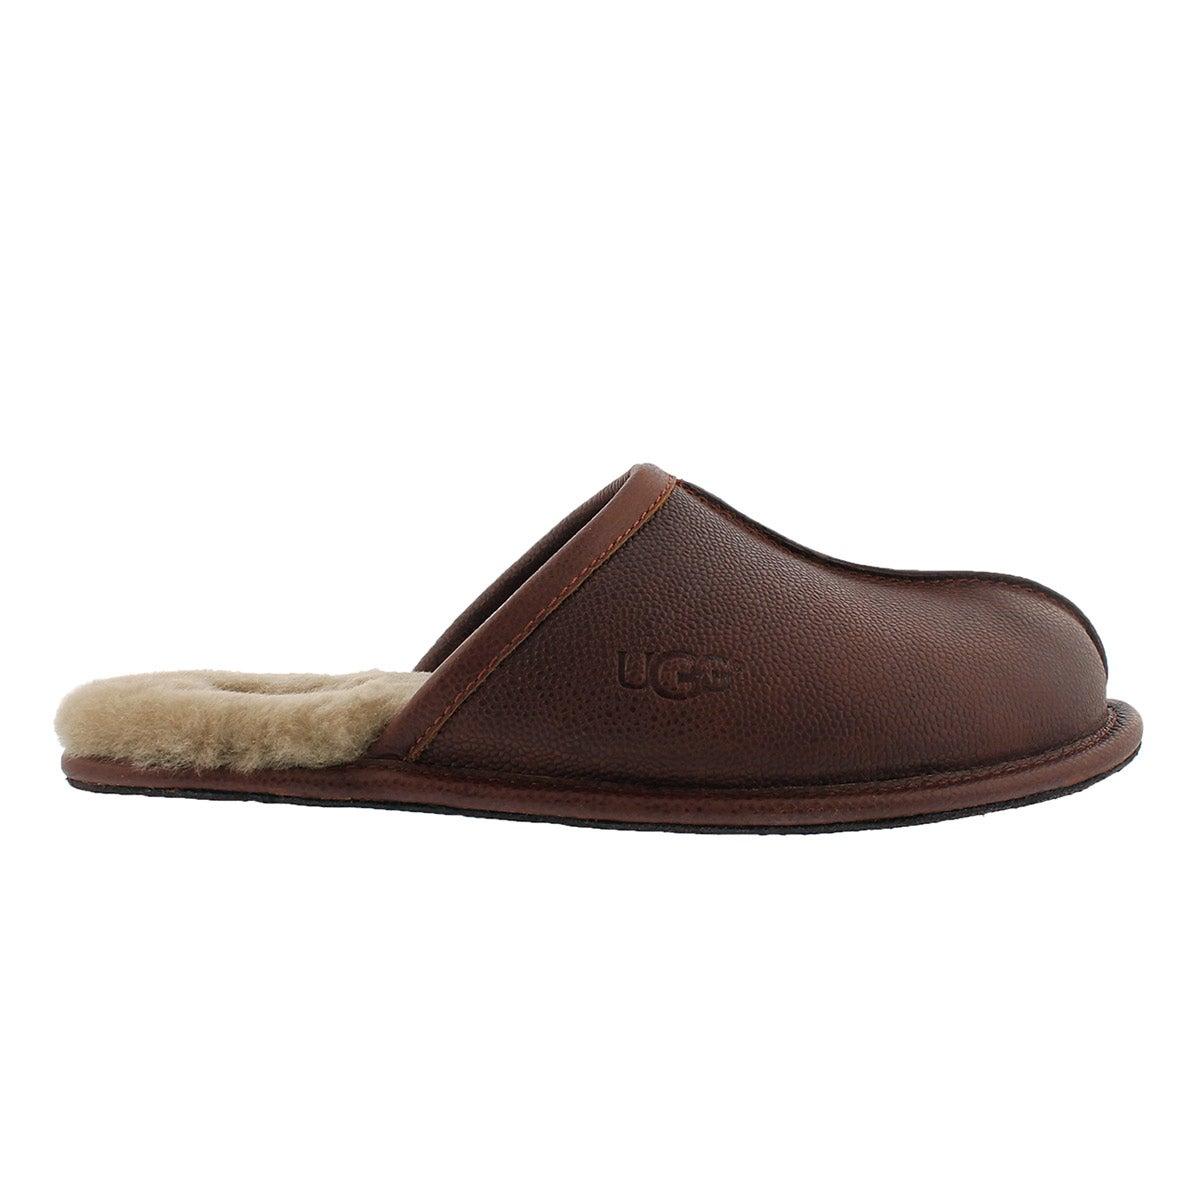 Mns Scuff Scotch Grain cognac slipper